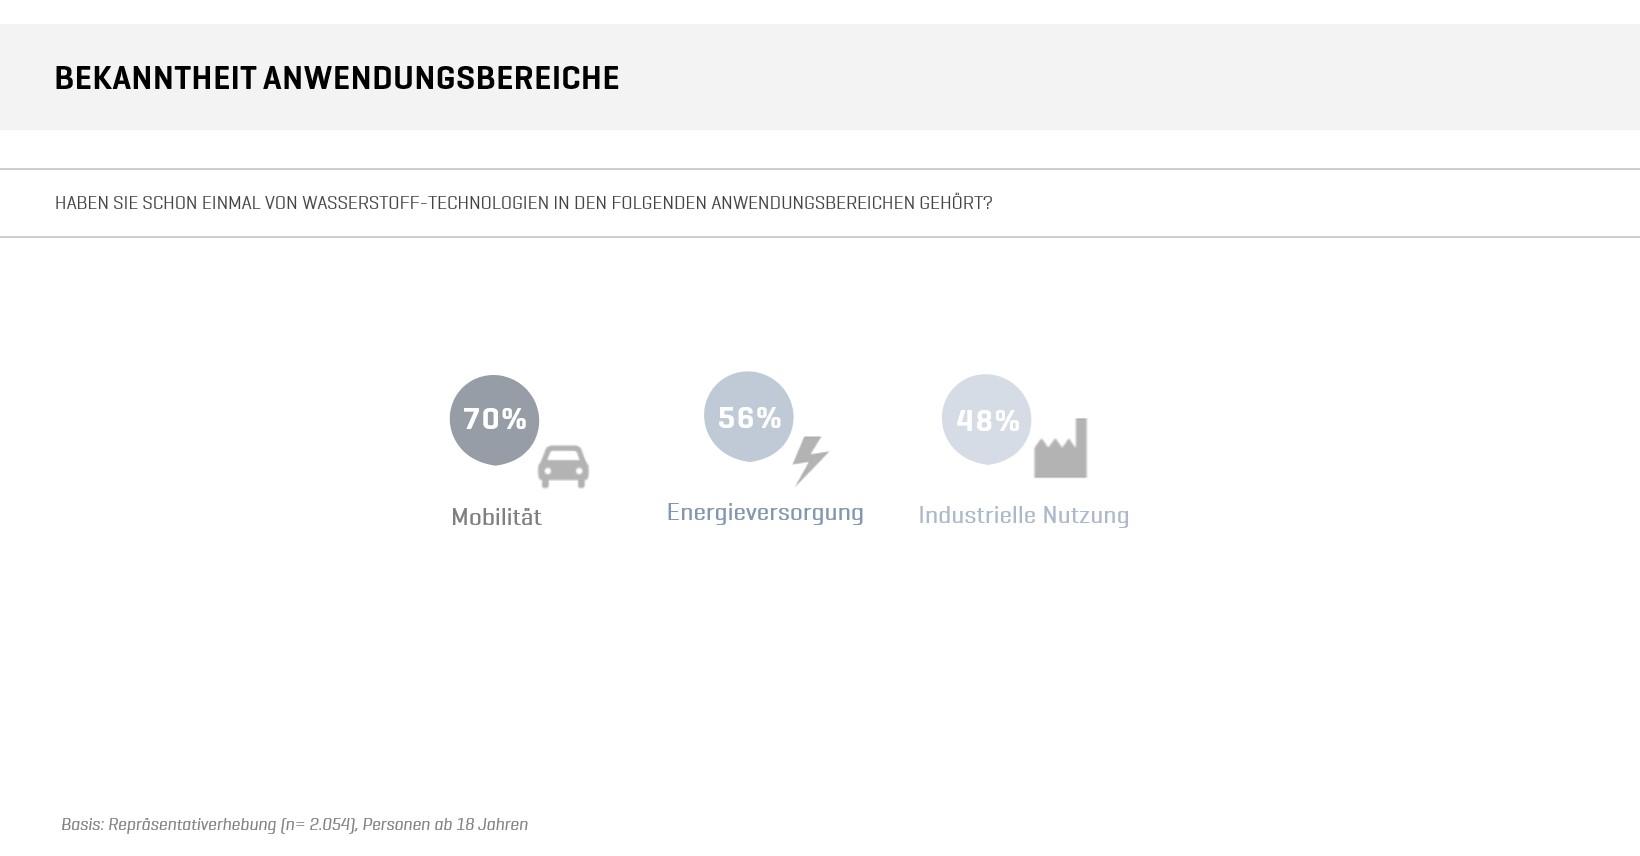 Abbildung 2: Wissen zu Wasserstoff-Technologien nach Anwendungsbereichen (Quelle: Fraunhofer IAO)